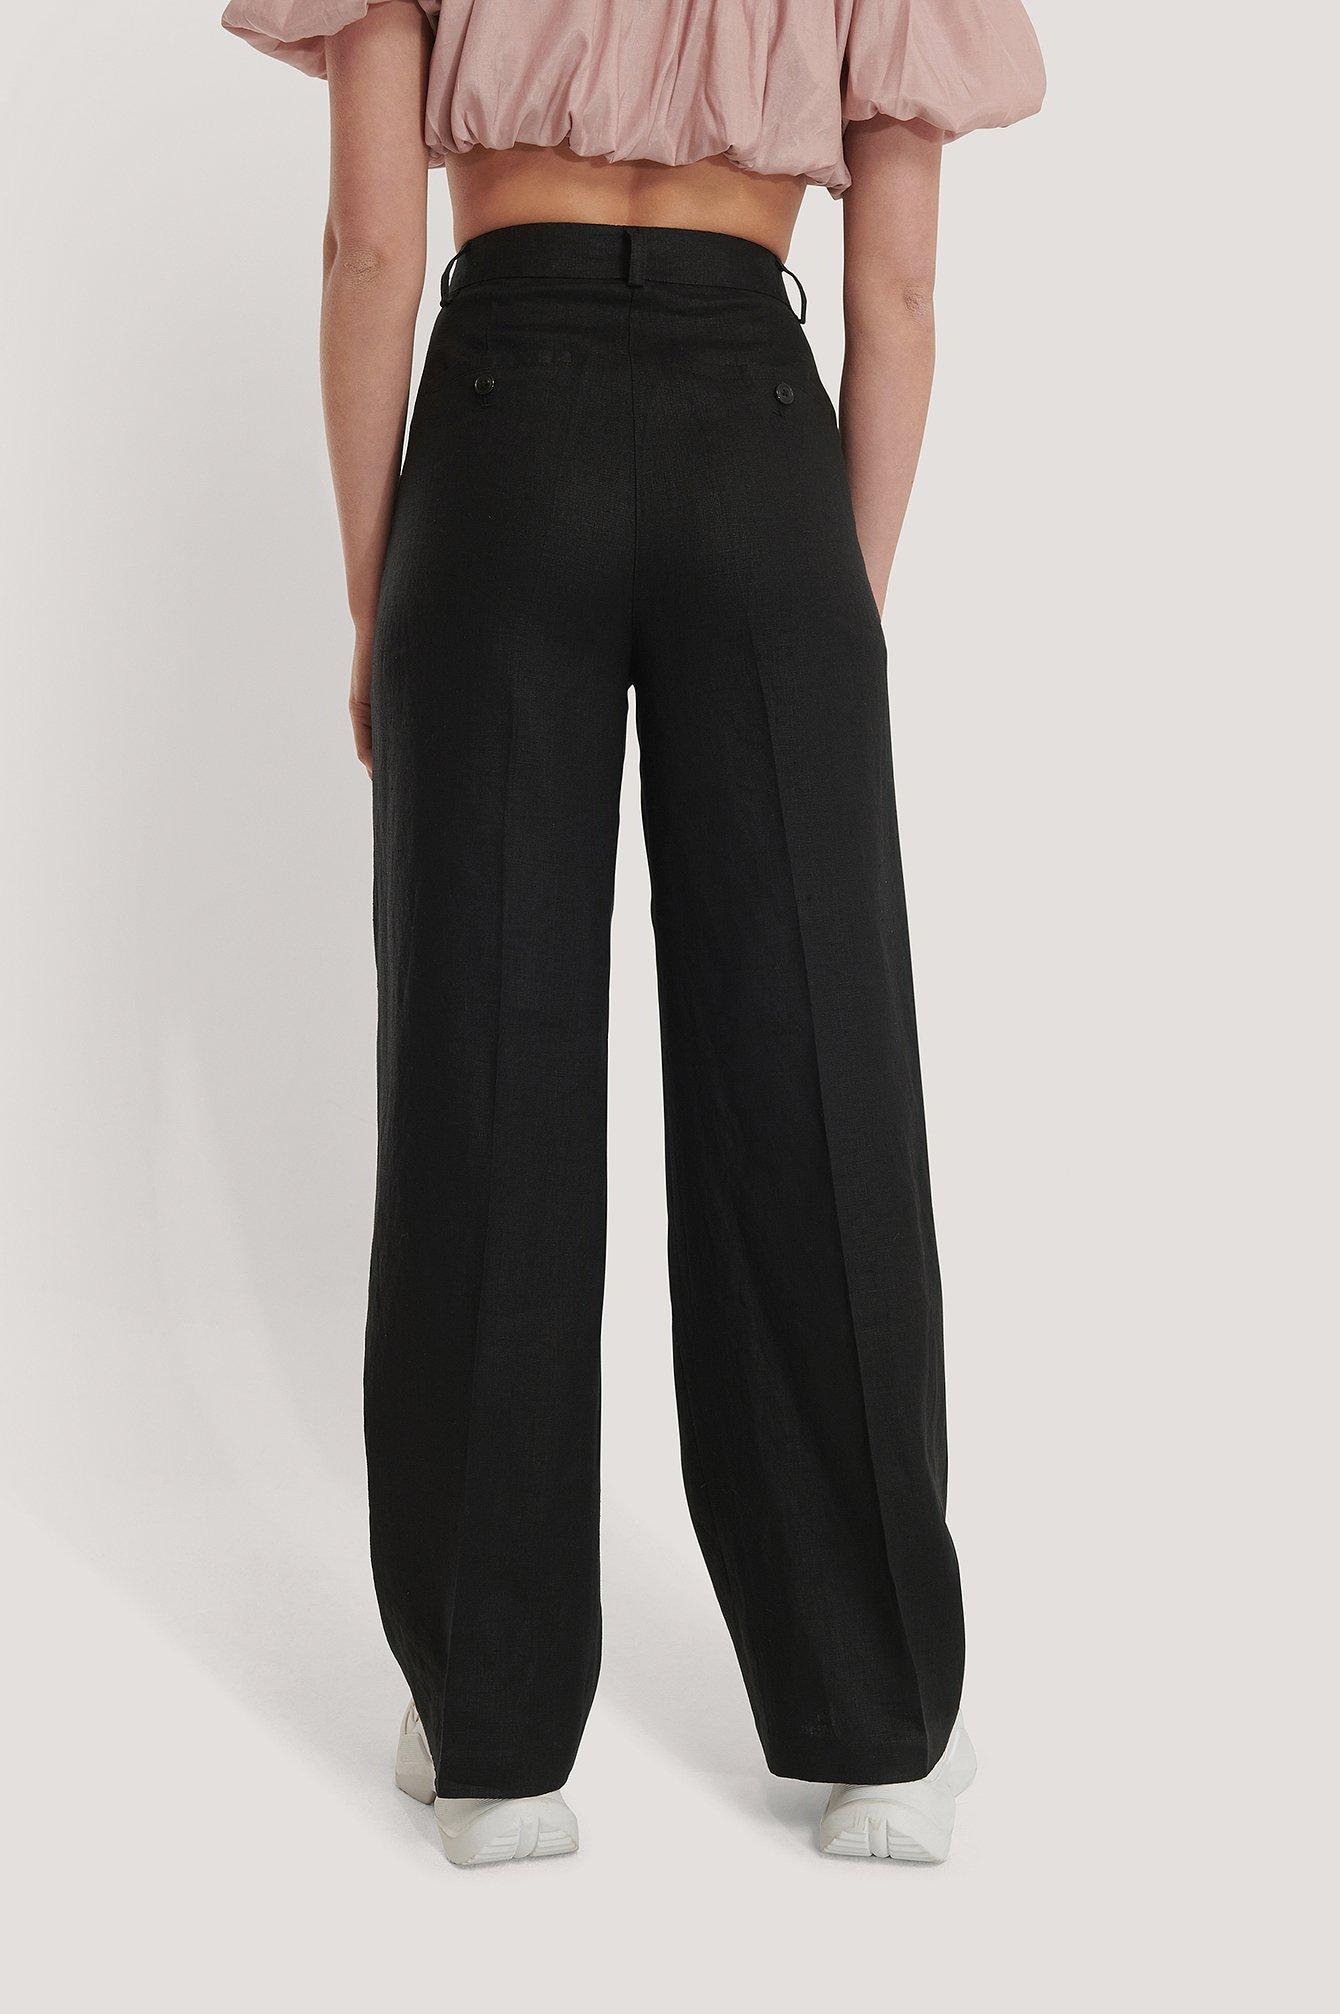 nakd_linen_wide_leg_pants_1594-000400-0002_02i